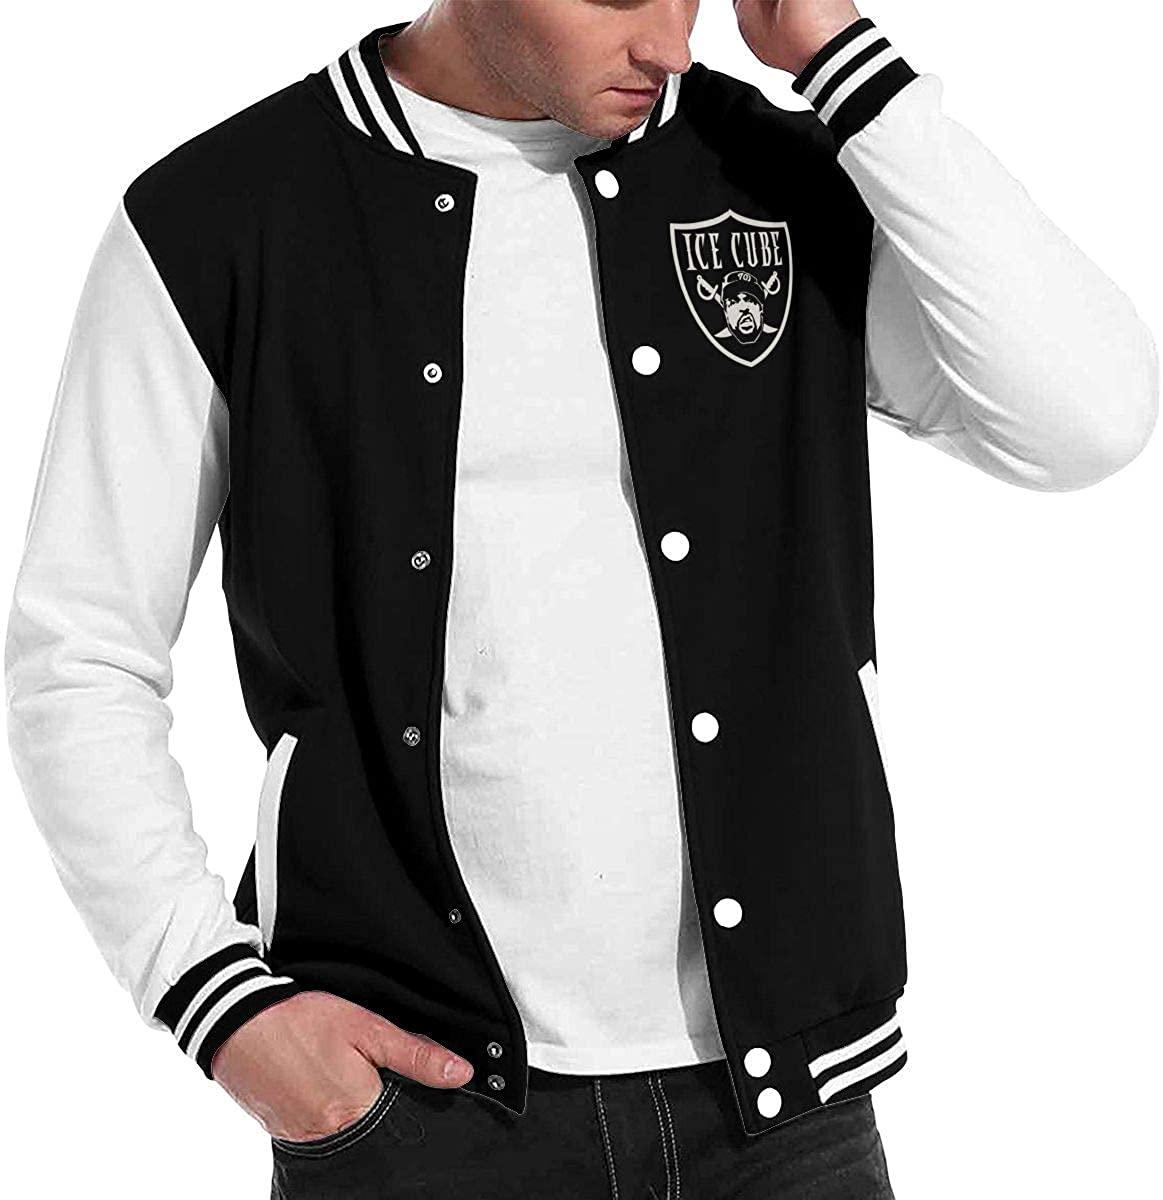 1836 Ice Cube Unisex Baseball Jacket Varsity Jacket